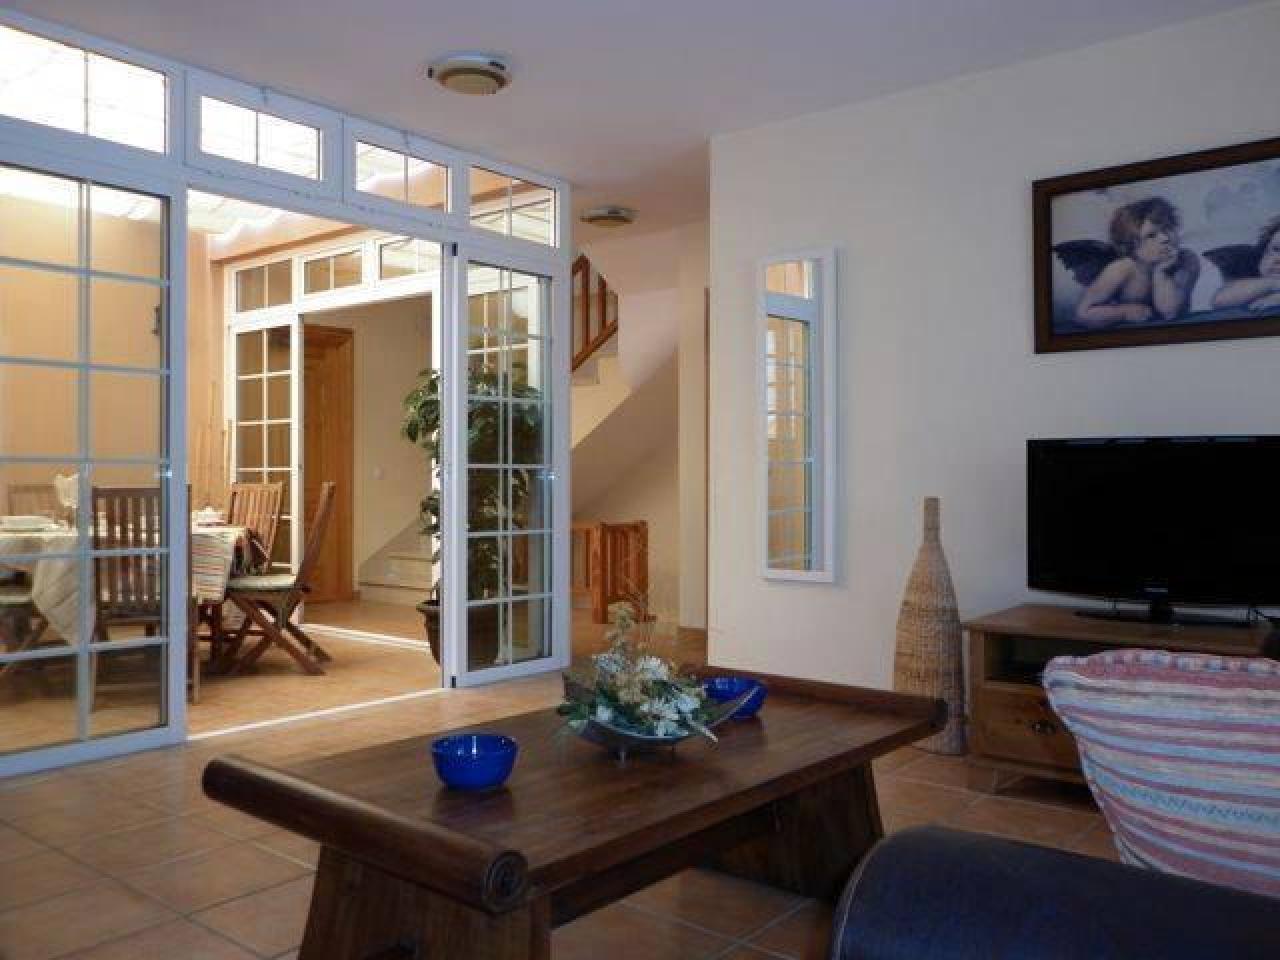 The villa is located in a private urbanization of La Caleta in Costa Adeje - 2